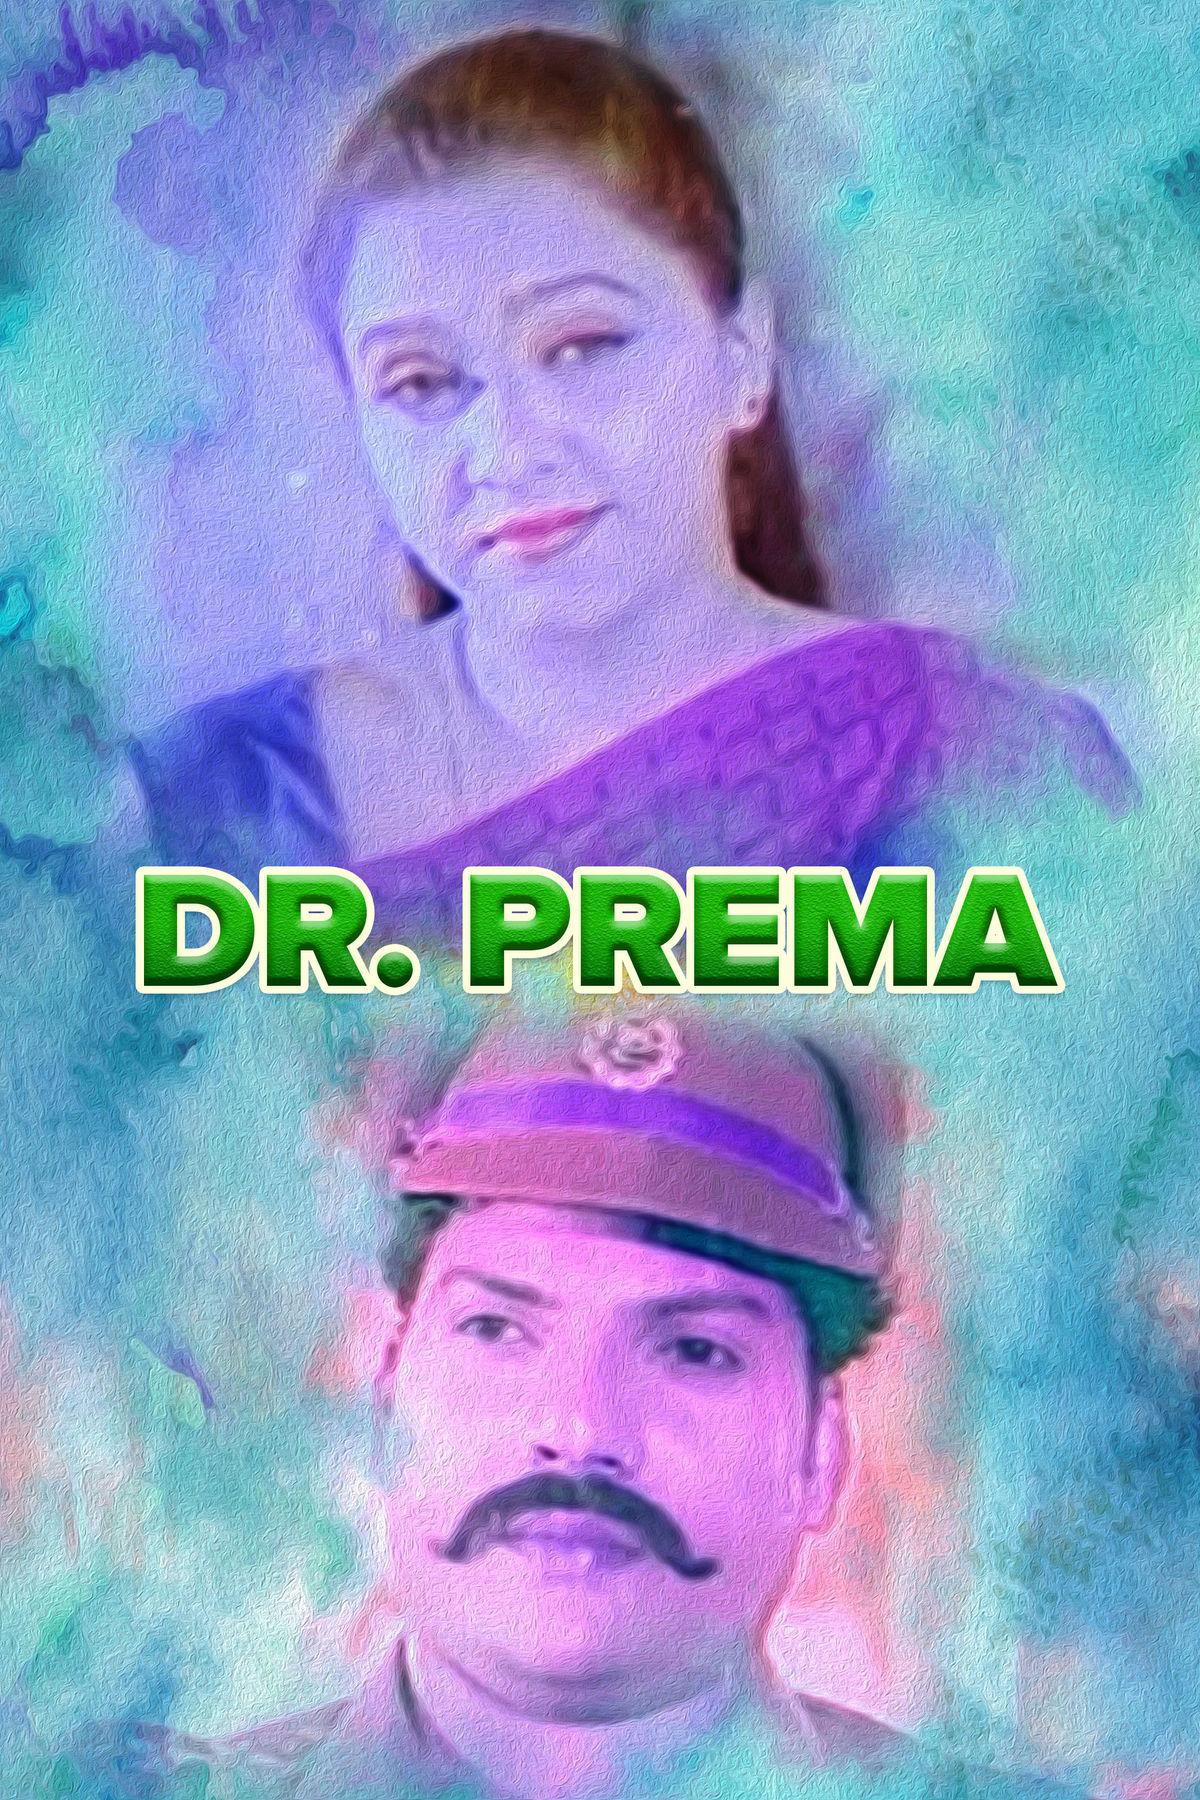 Dr. Prema